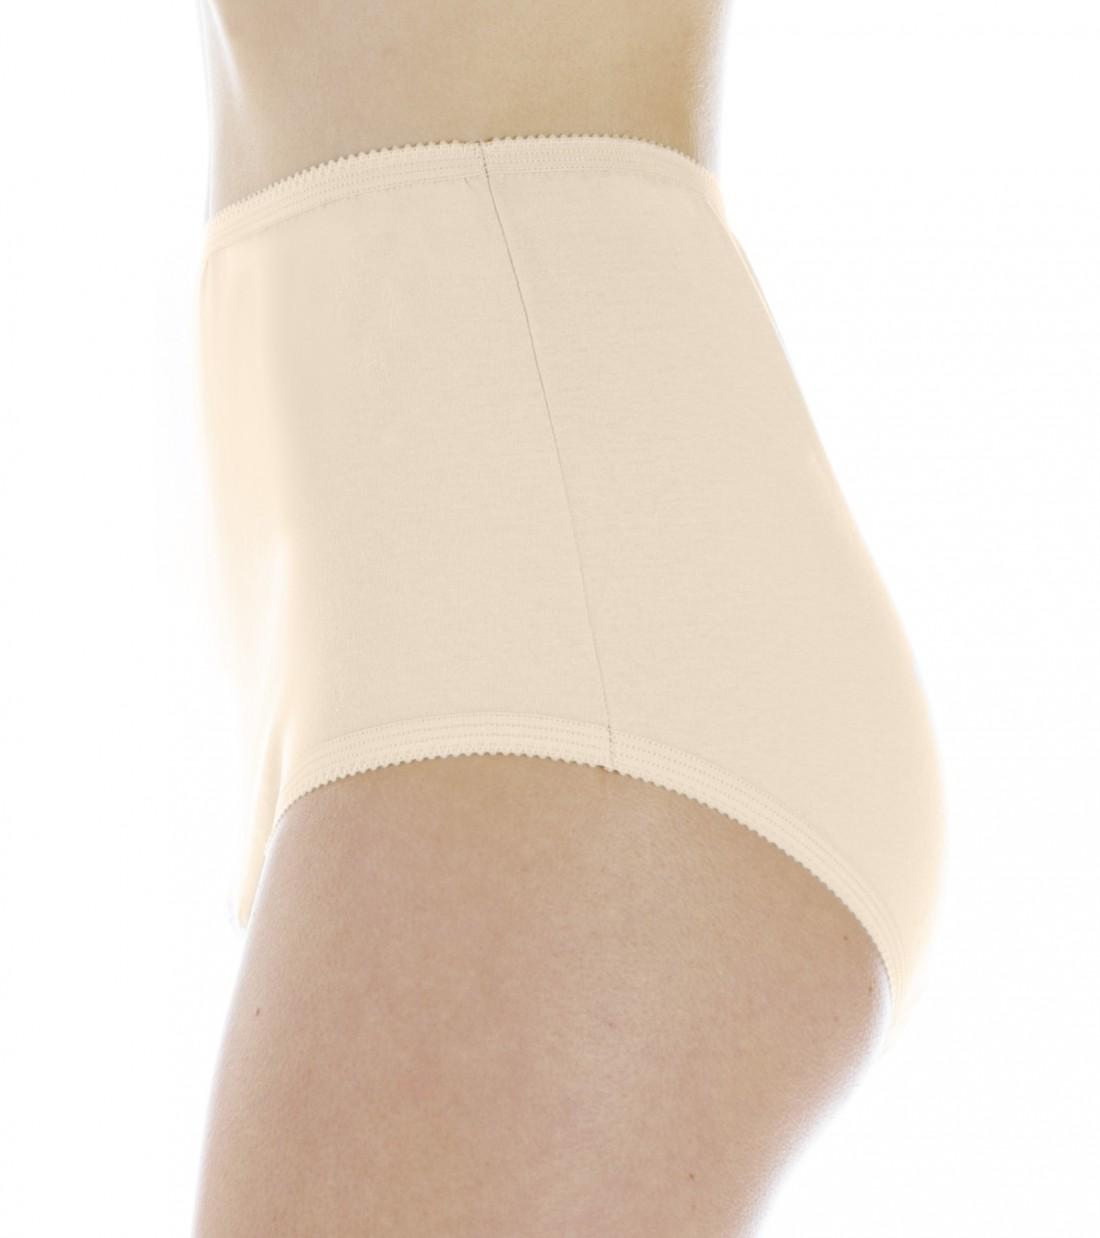 Cotton Comfort Panties - Wearever L100 - Regular Absorbency